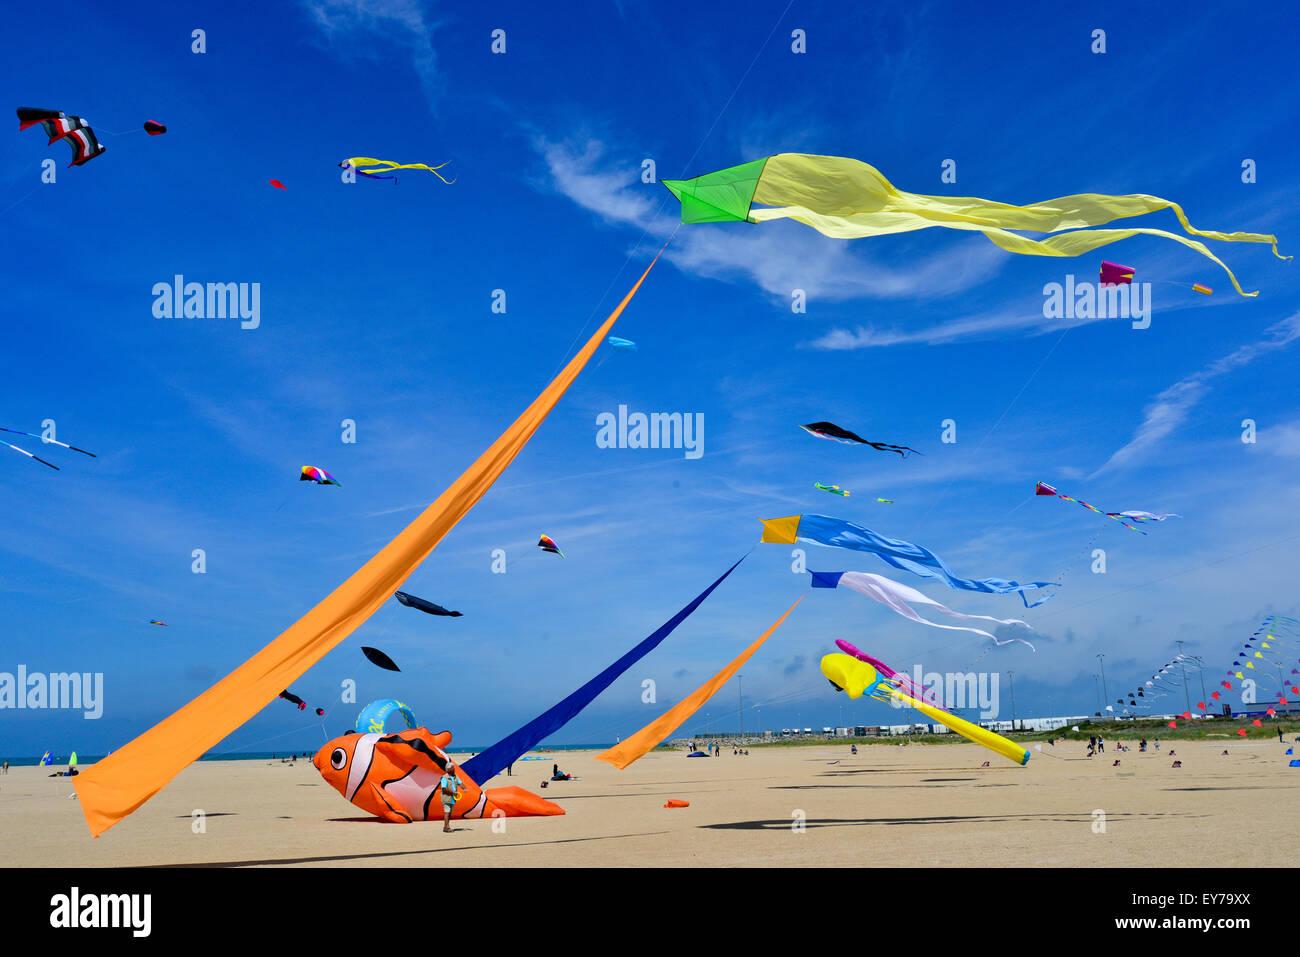 Kites flying at beach kite festival - Stock Image